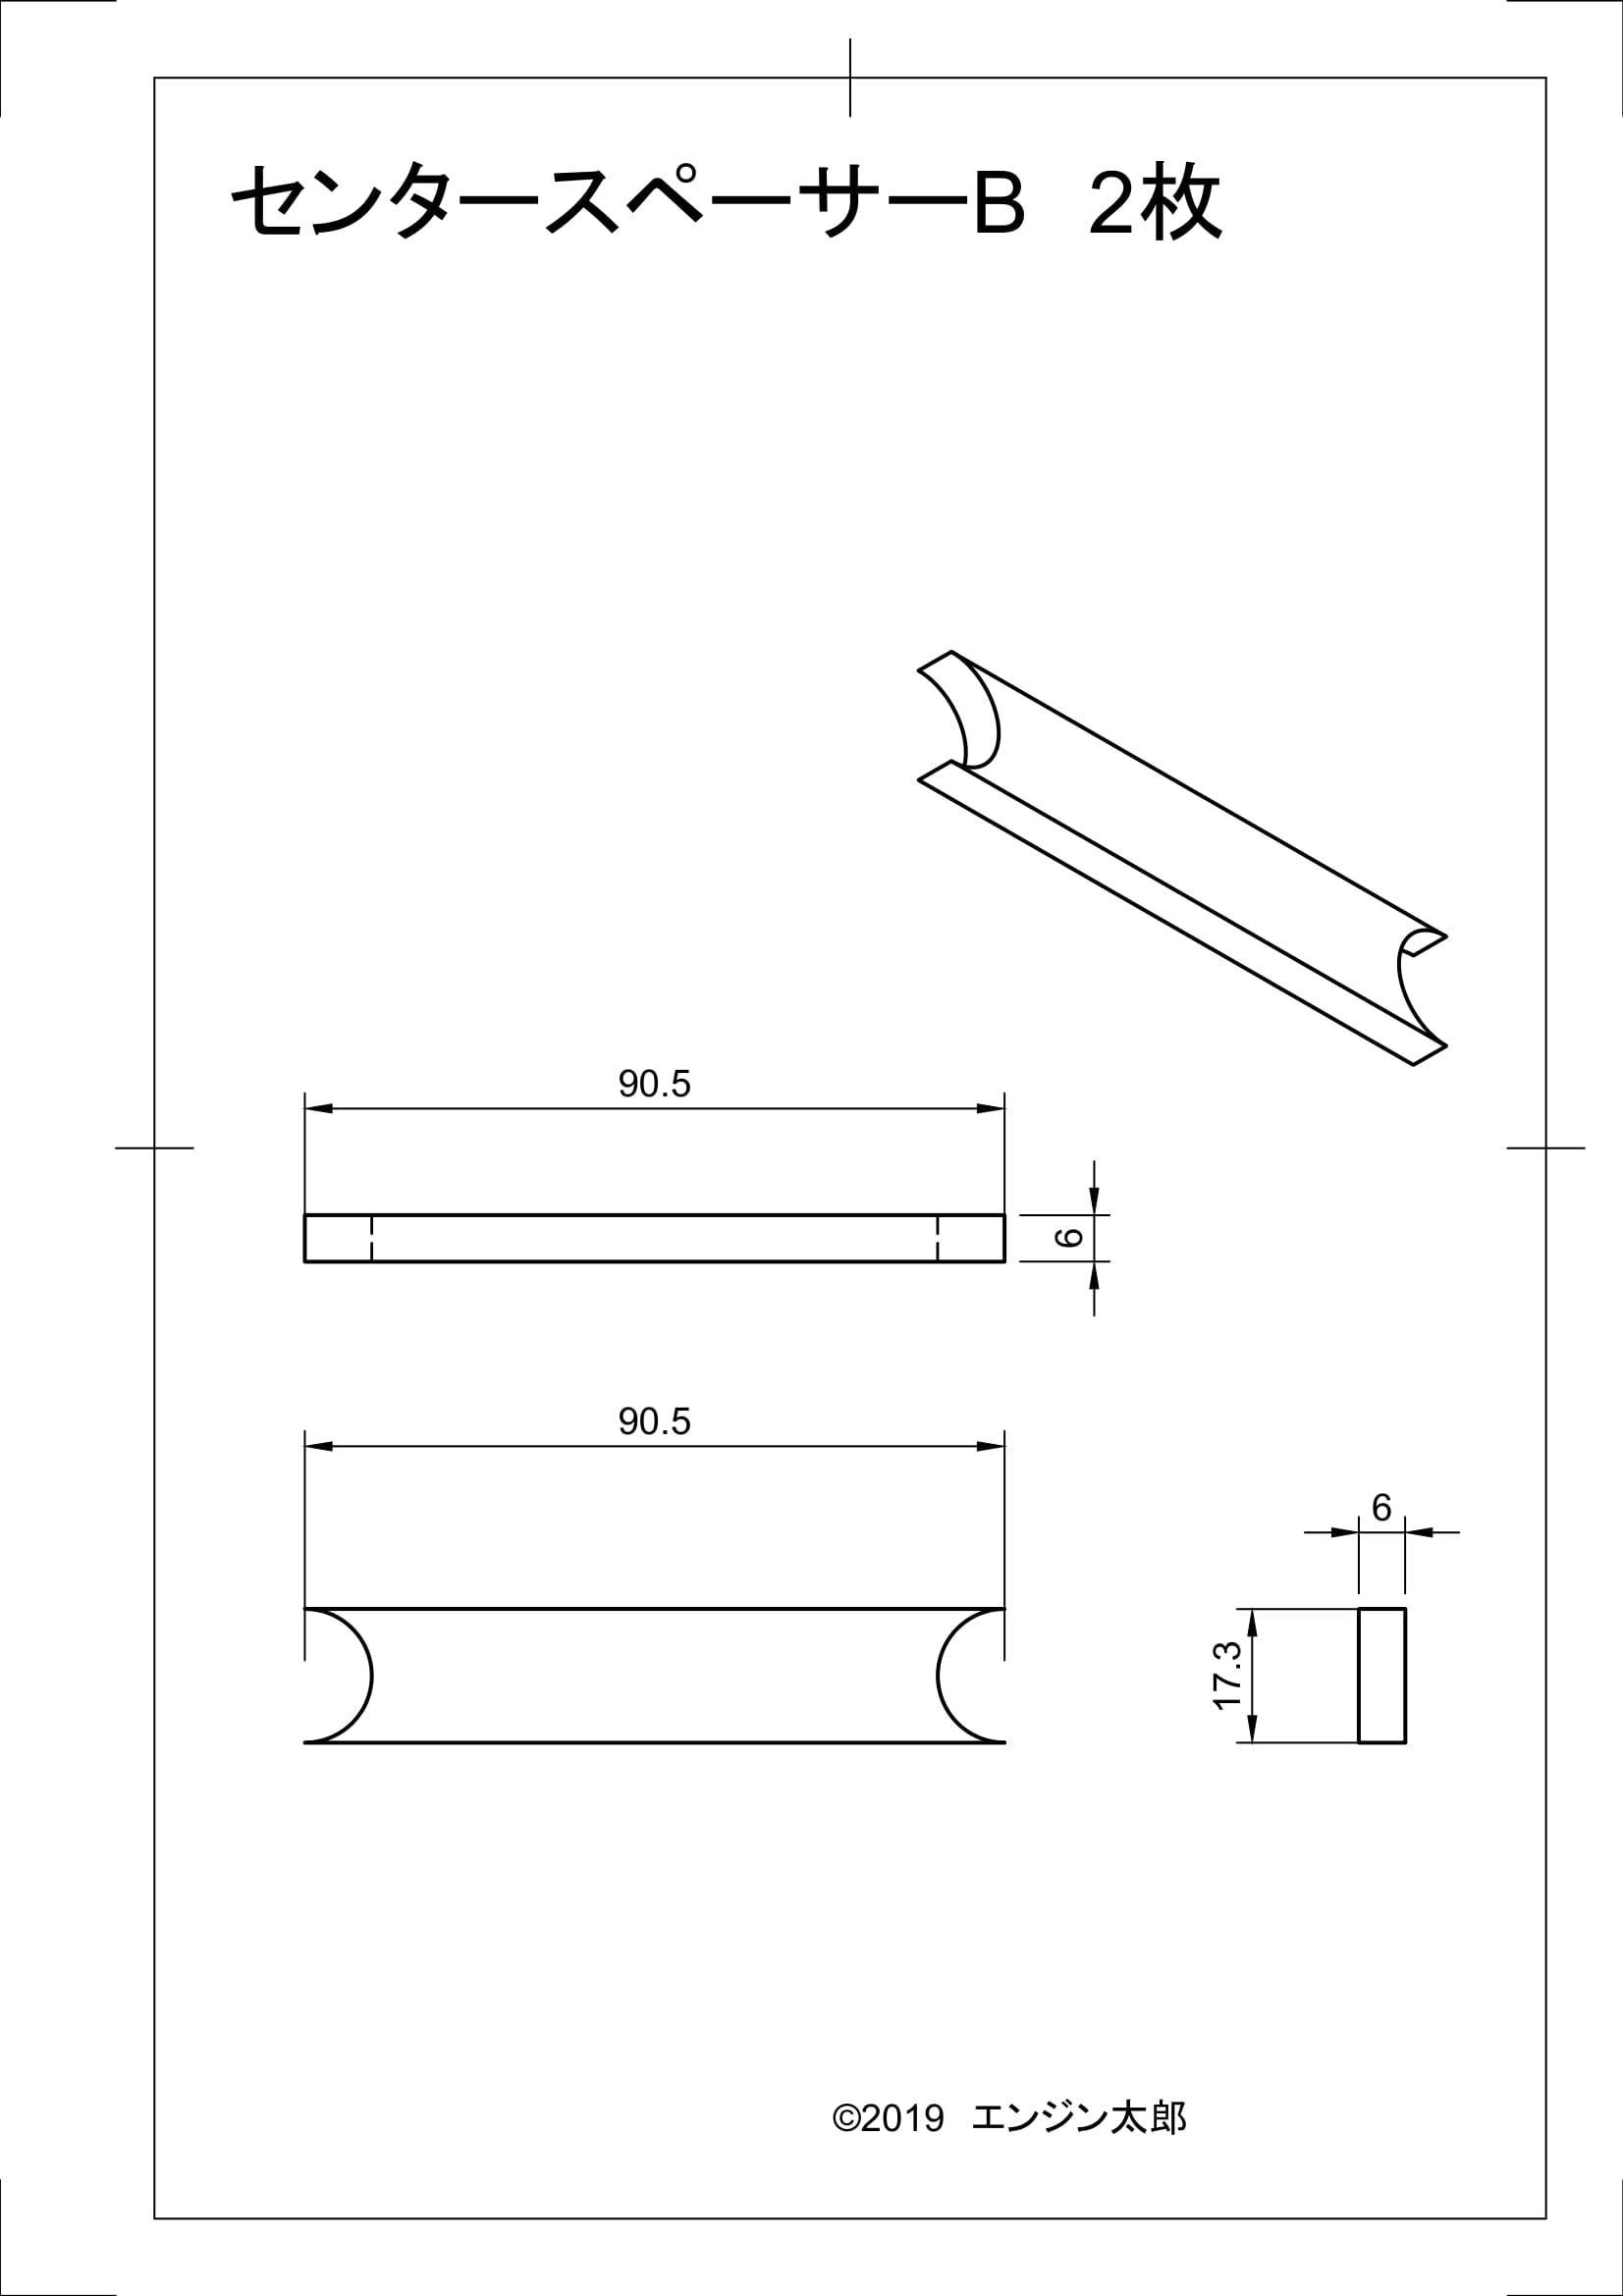 25チューブローラー2_センタースペーサーB1 図面-1